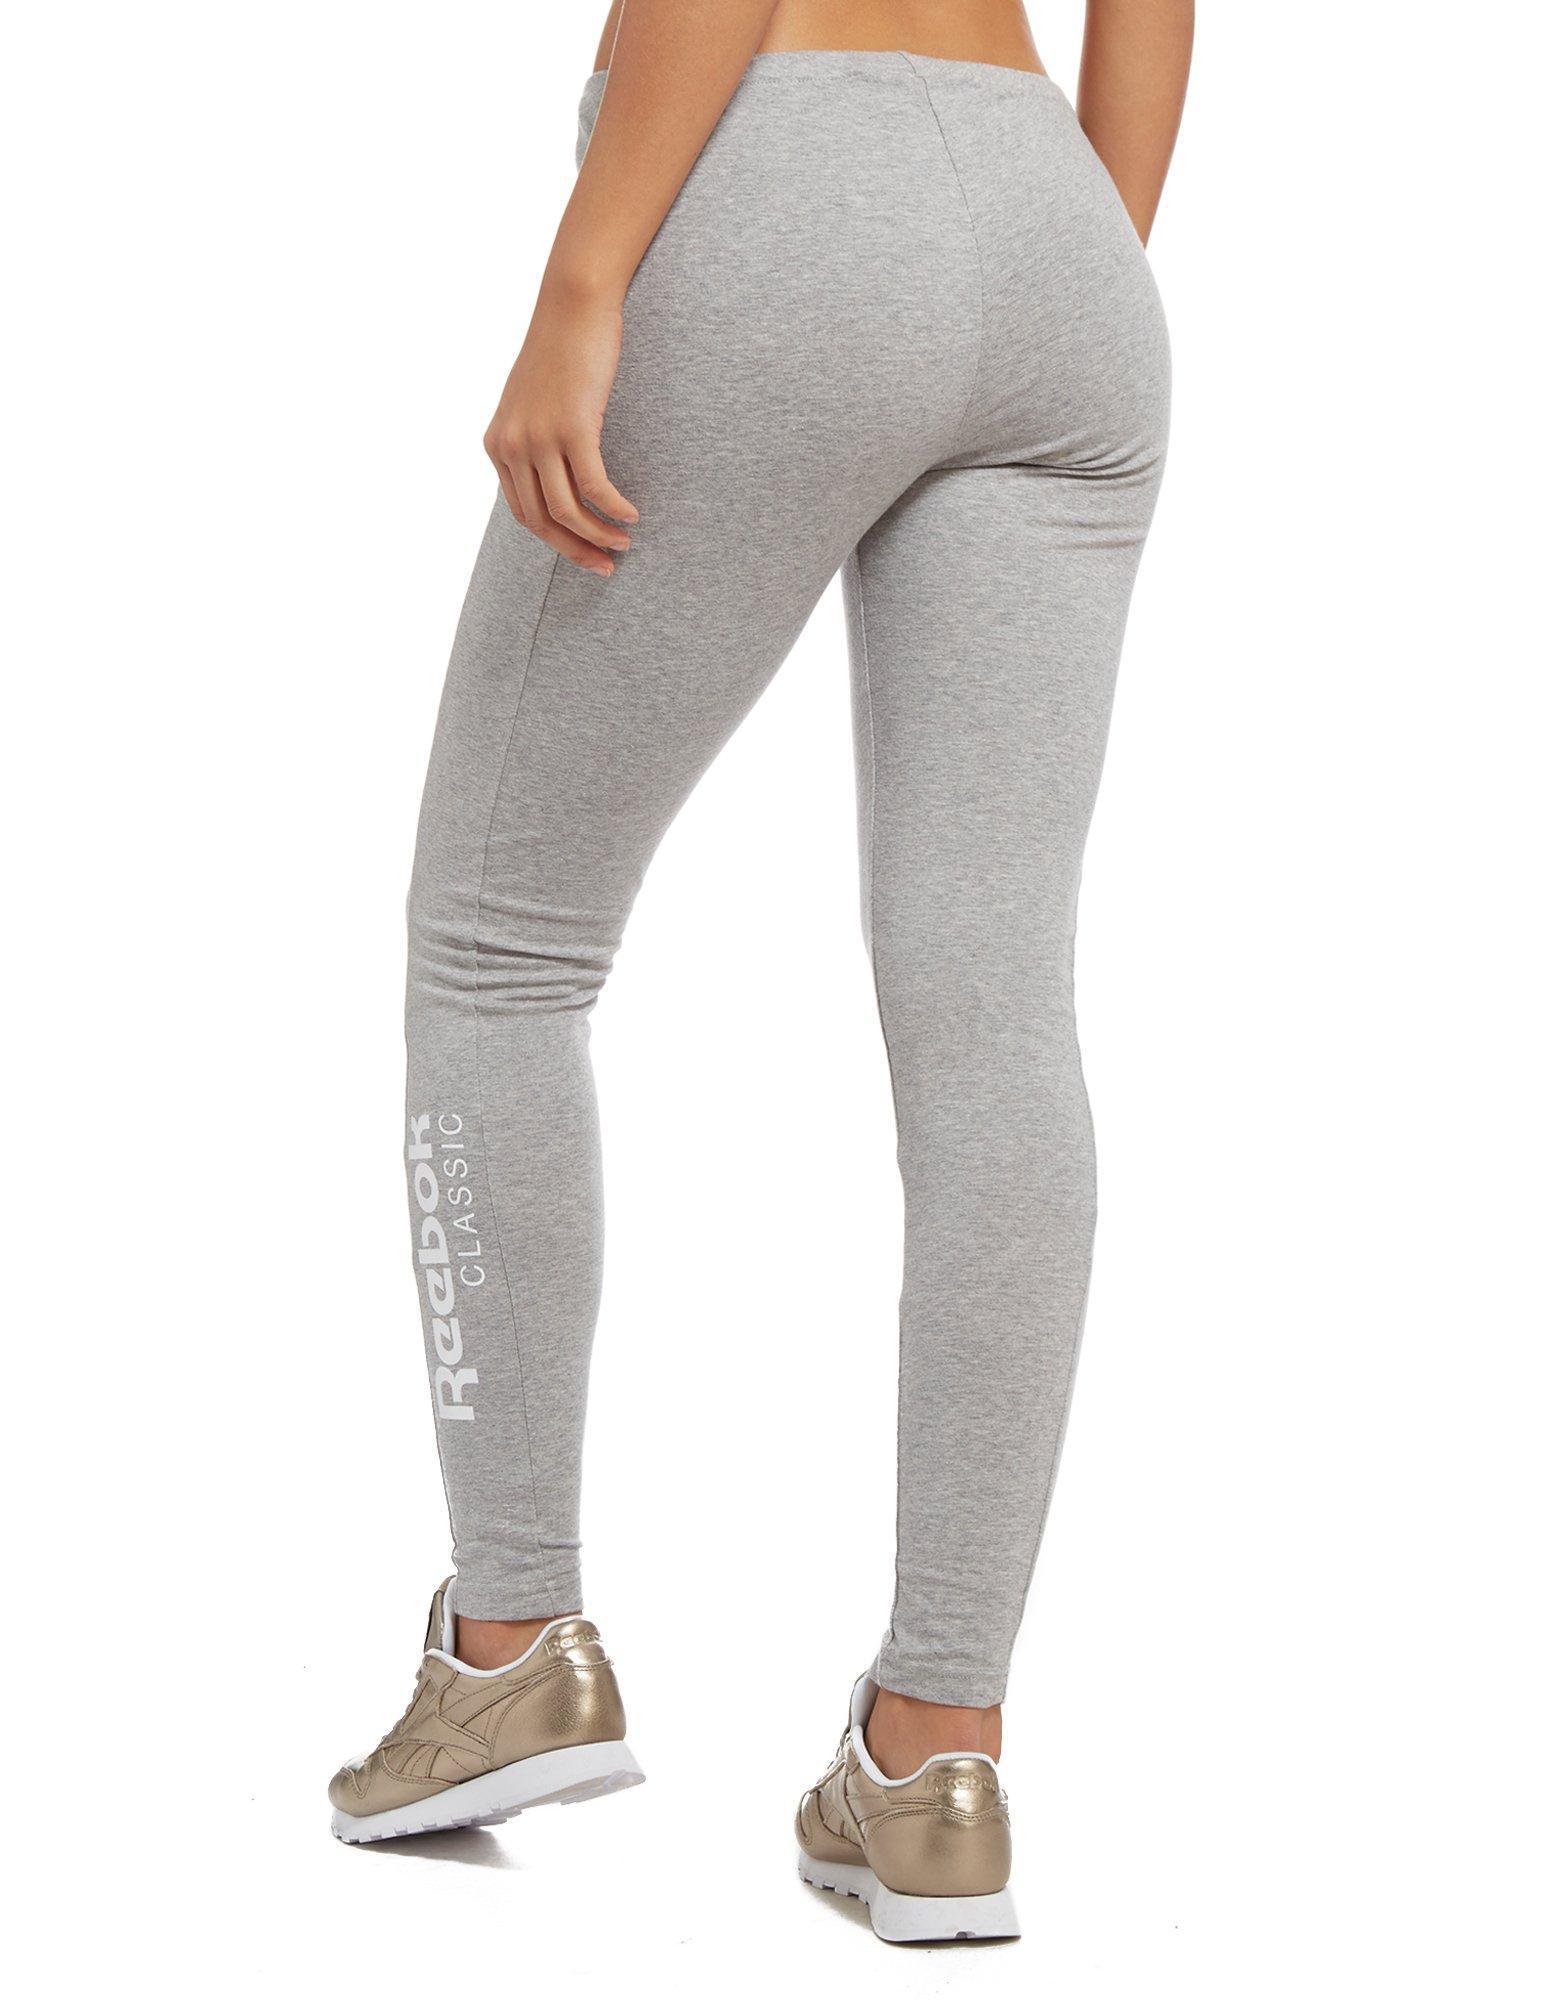 1335d3efa6224 Reebok Classic Leggings in Gray - Lyst